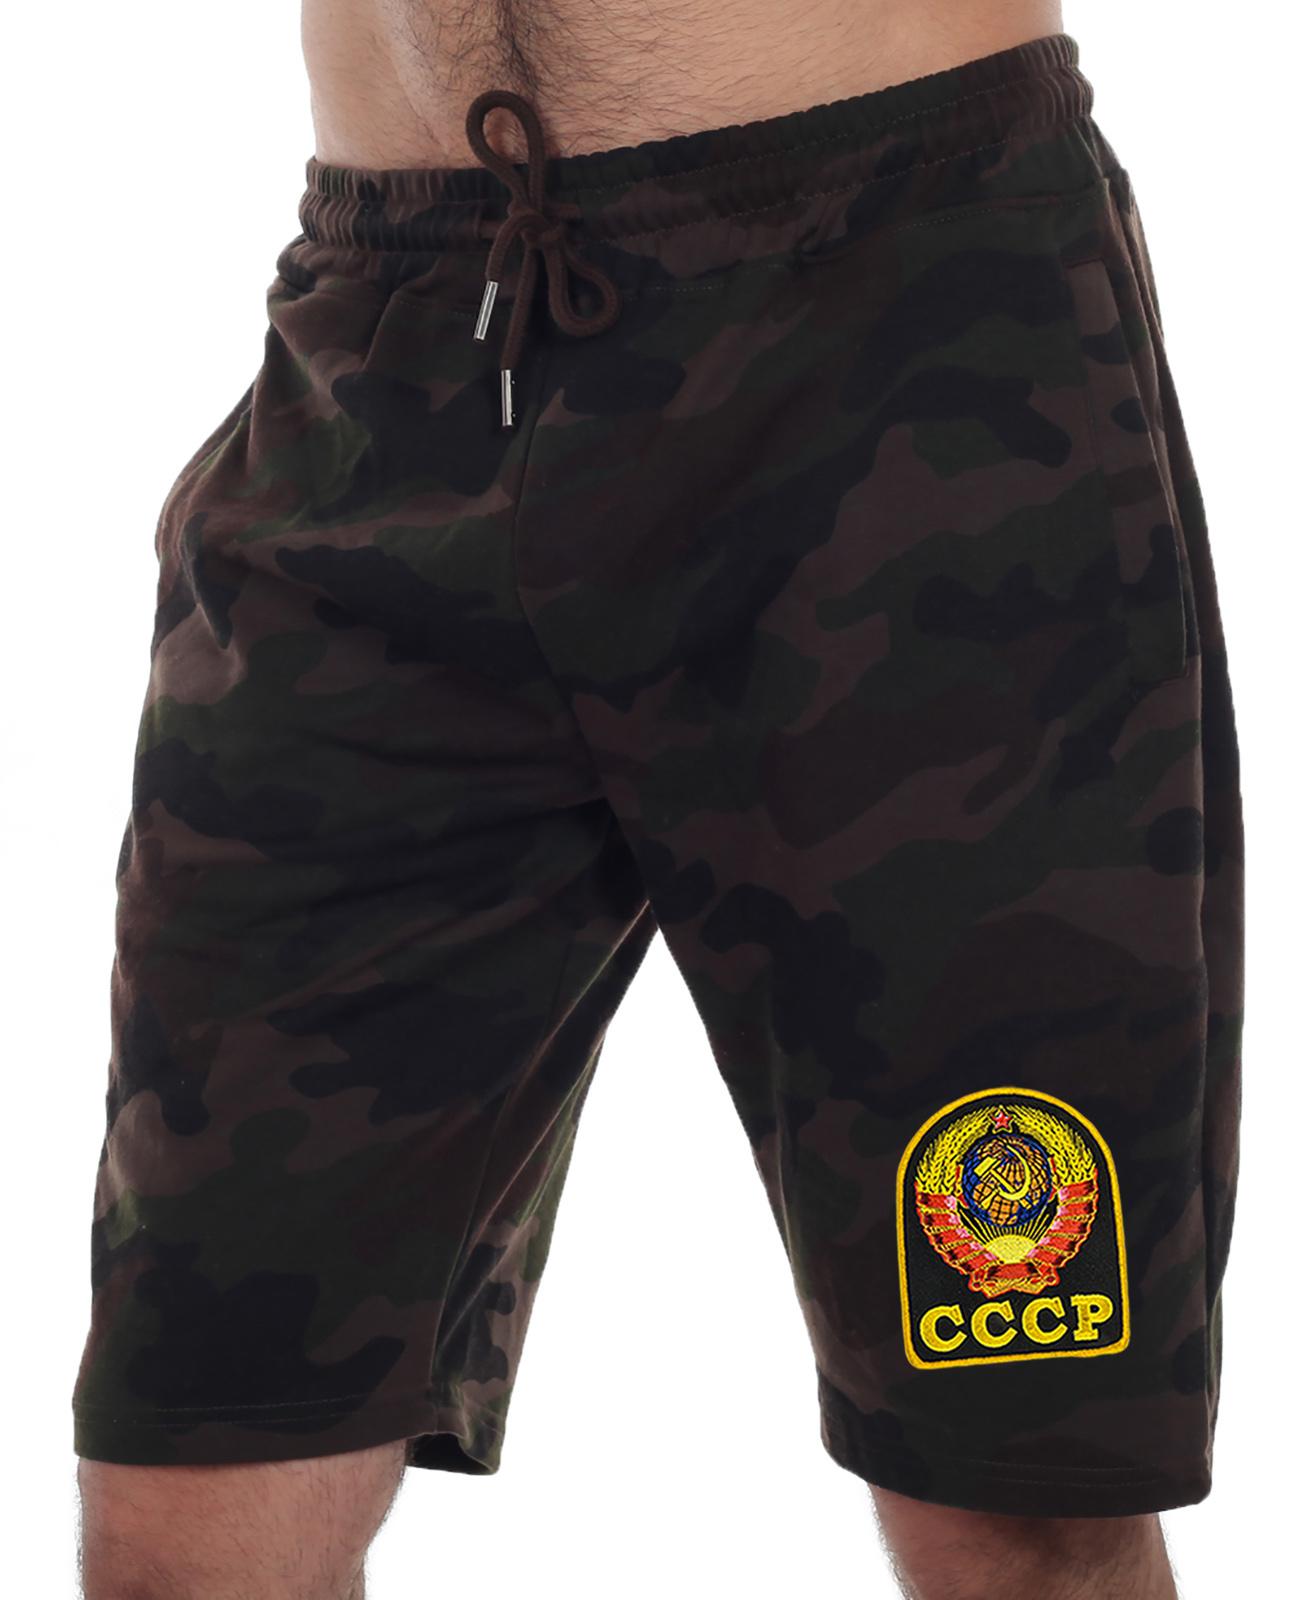 Купить надежные мужские шорты с нашивкой СССР с доставкой в ваш город